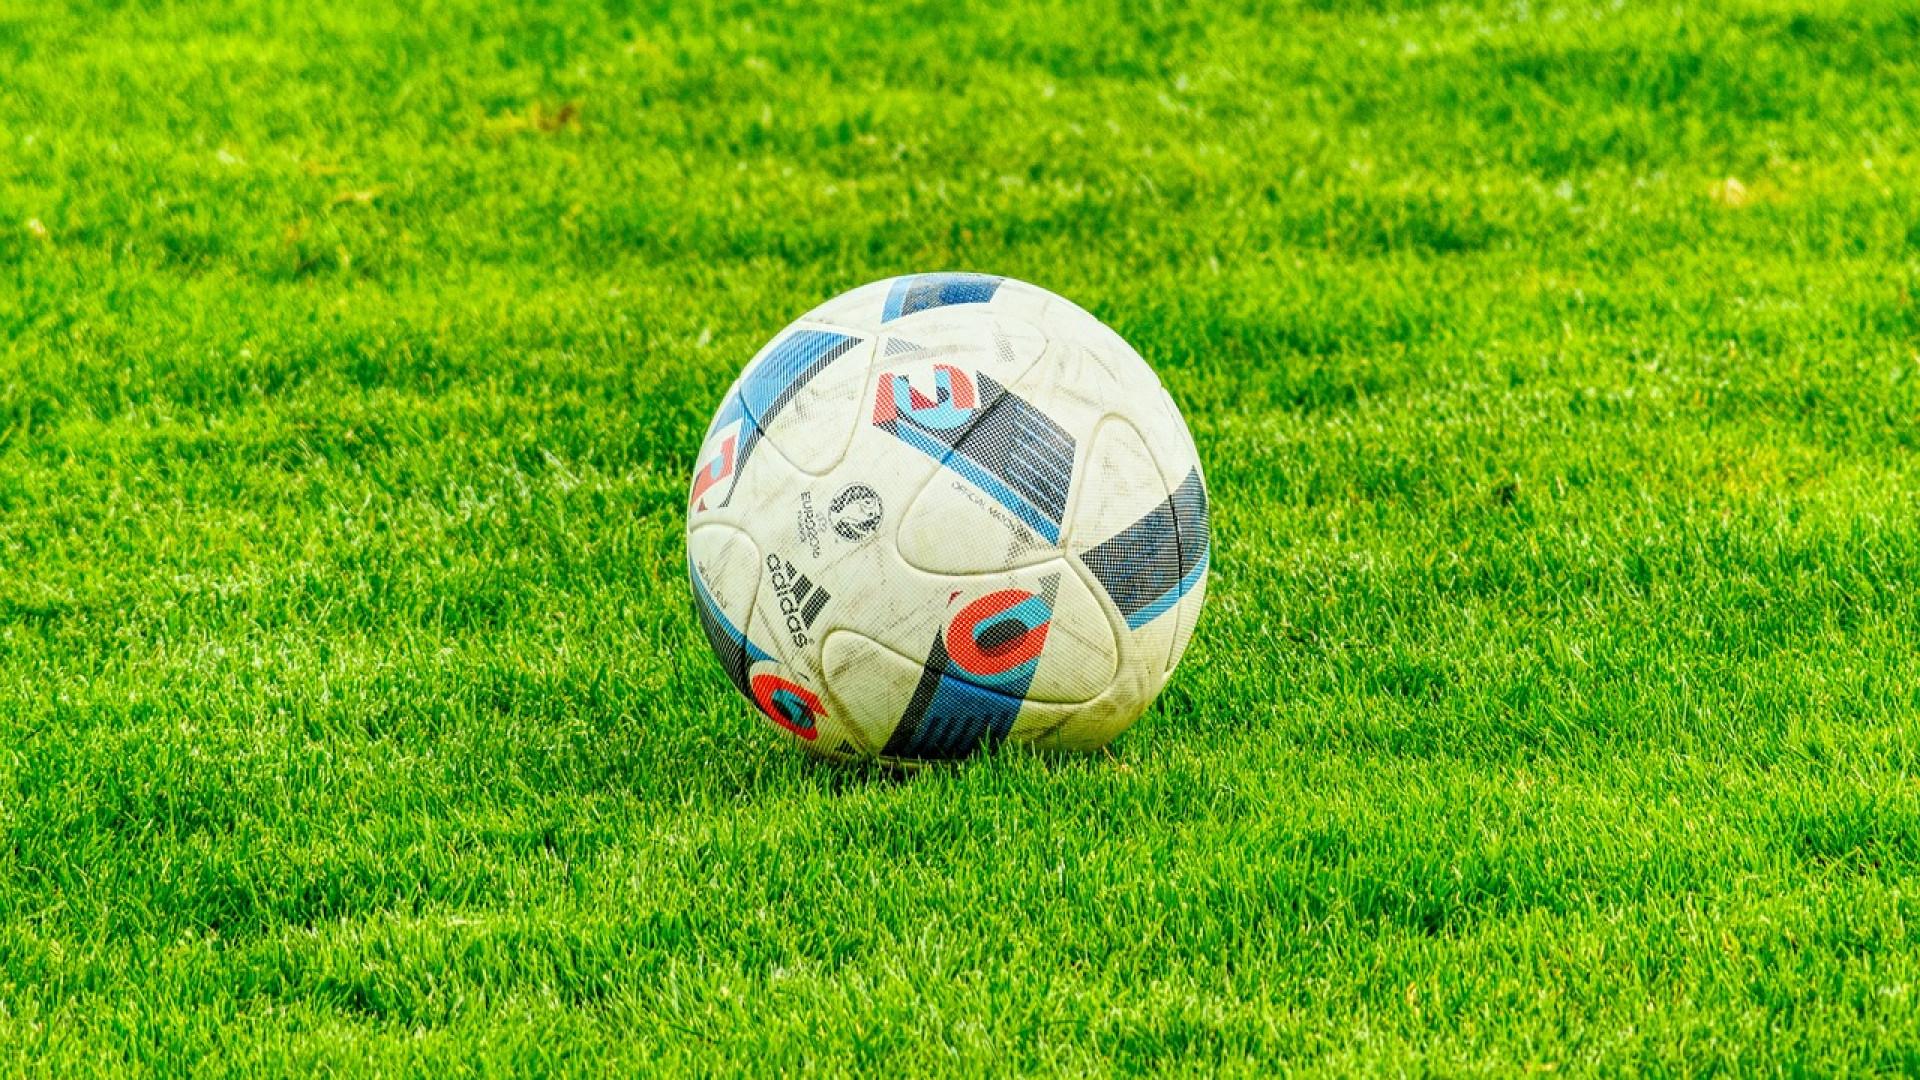 Des infrastructures dédiées aux activités sportives financées par plusieurs parties